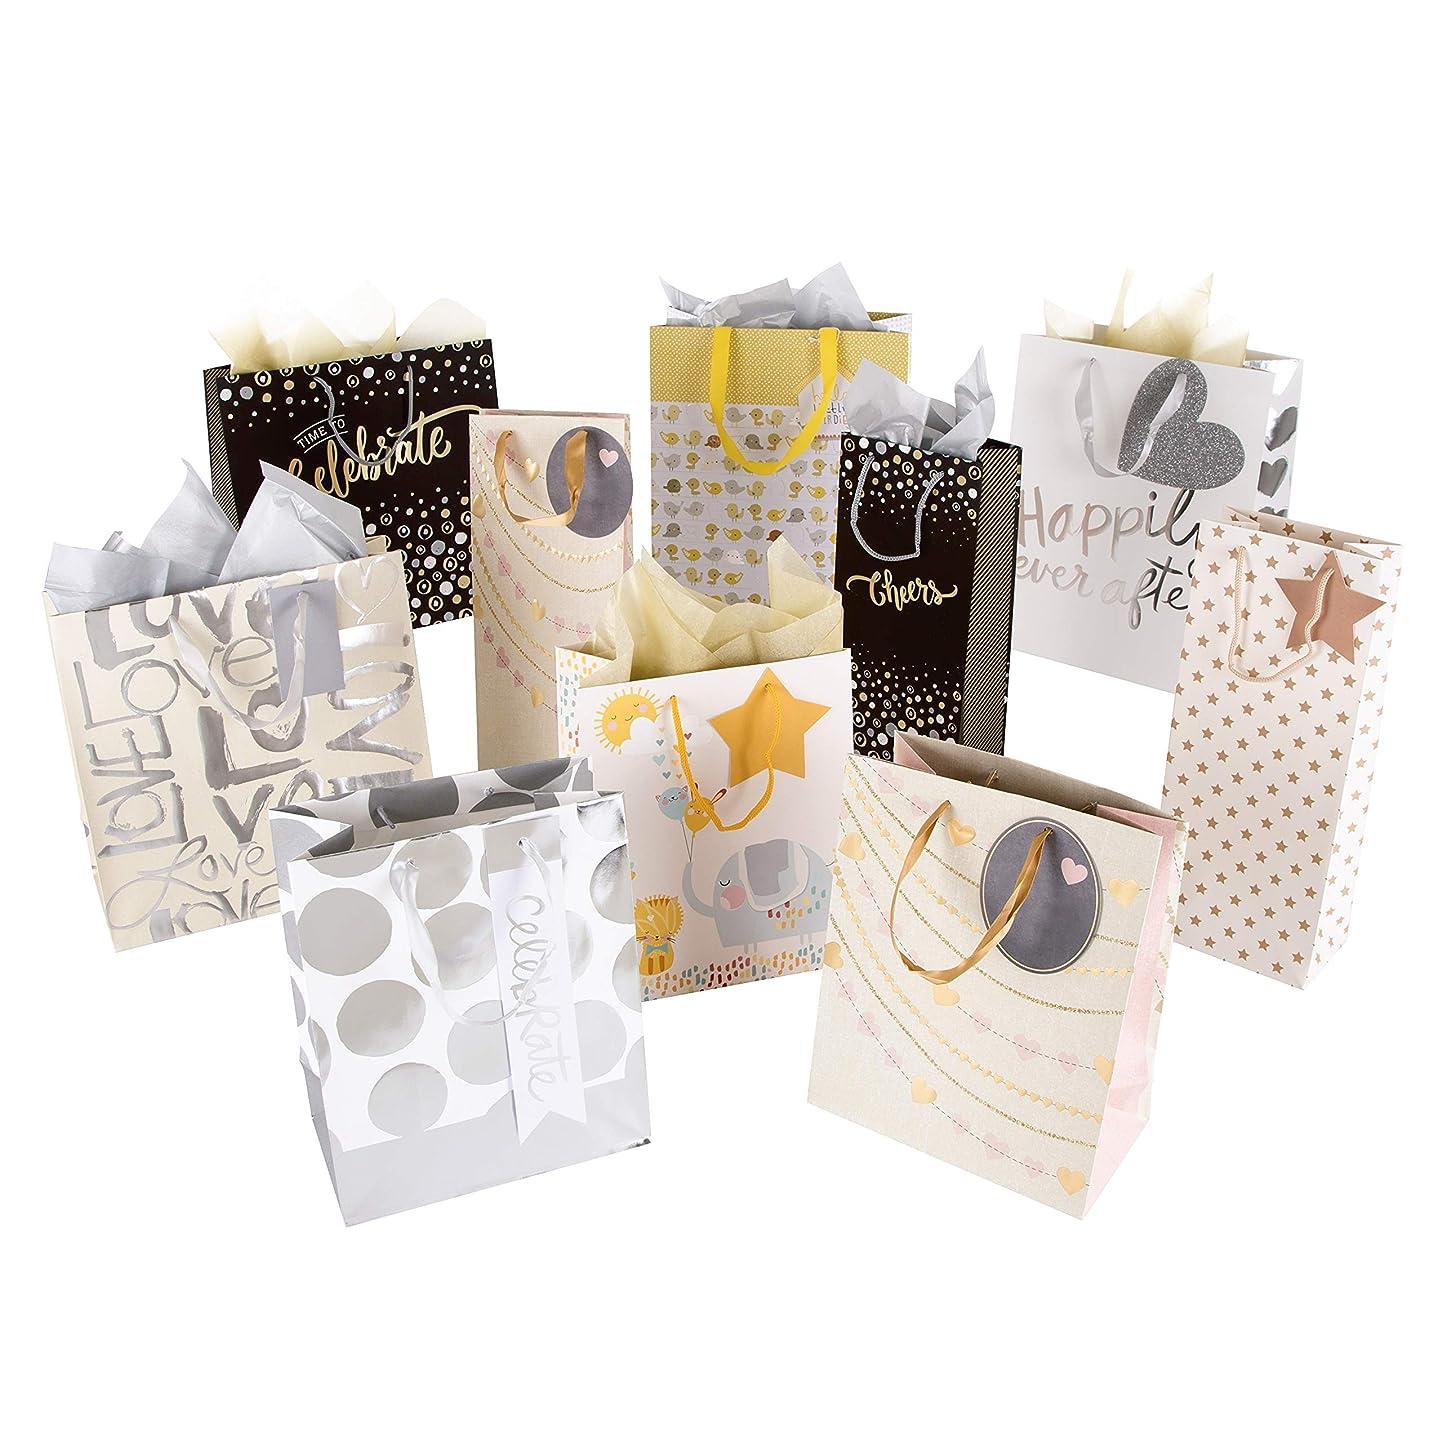 Hallmark Gift Bag and Tissue Pack - 4 Medium Bags, 3 Small Bags, 3 Bottle Bags & 2 Tissue Packs wlawjyykqok9